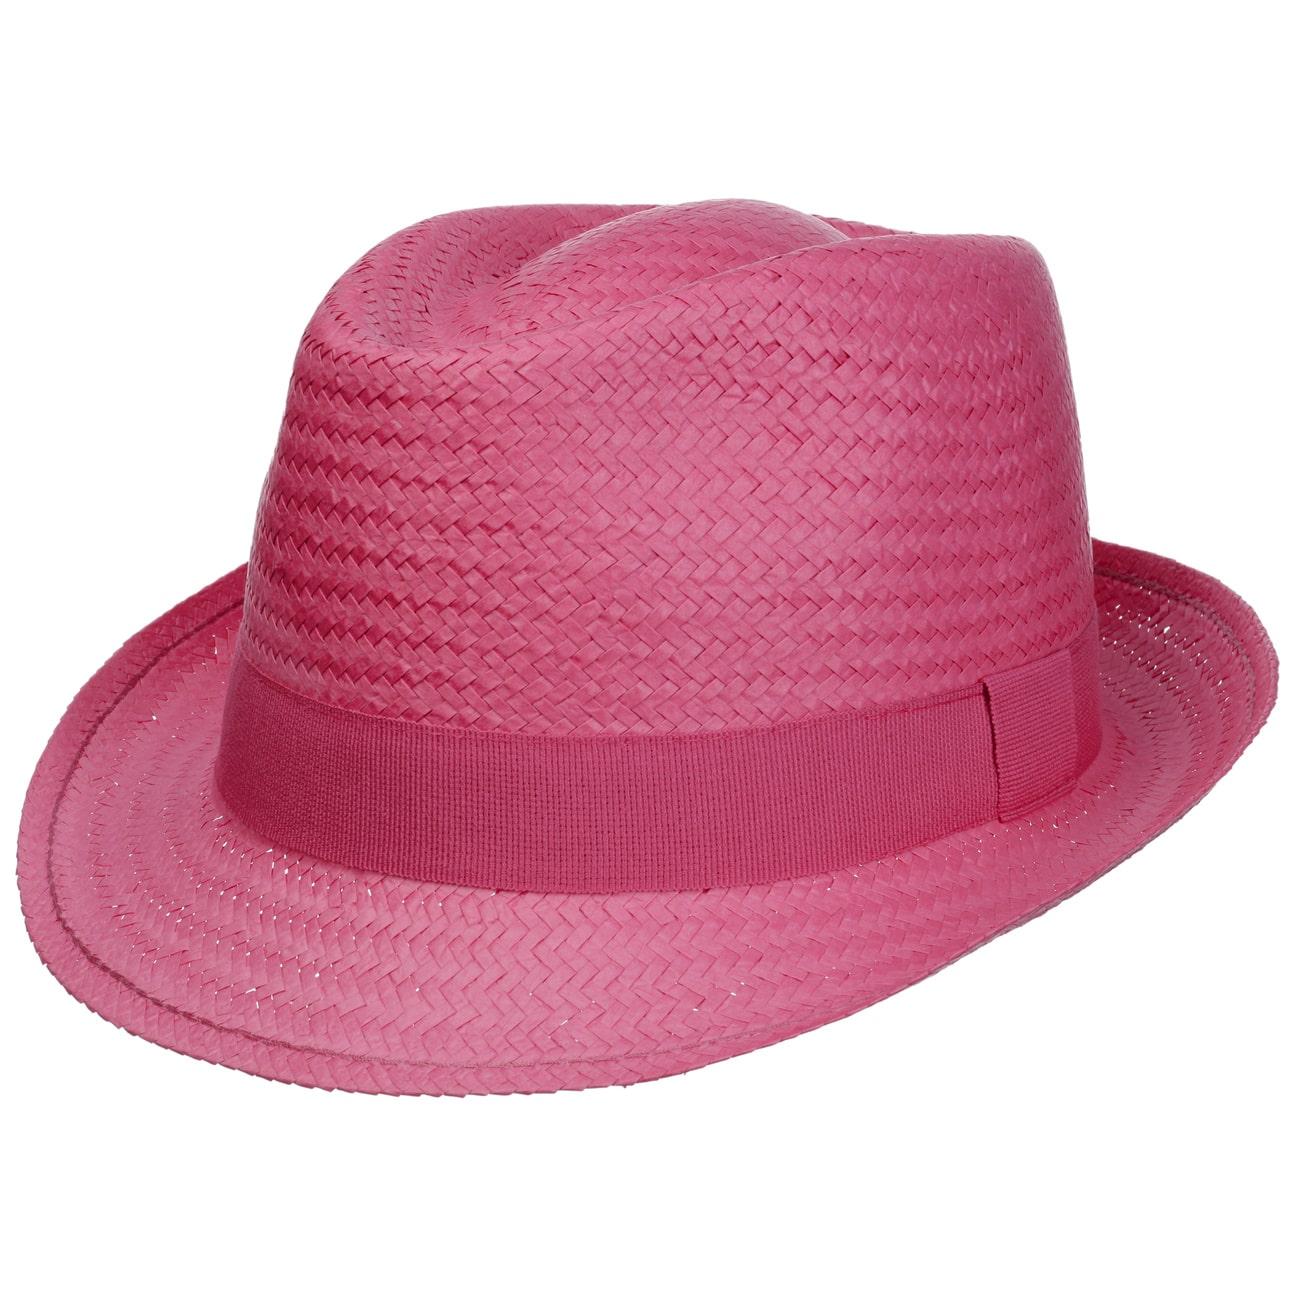 Sombrero de Paja Málaga Trilby - Sombreros - sombreroshop.es 90e442cc0ec